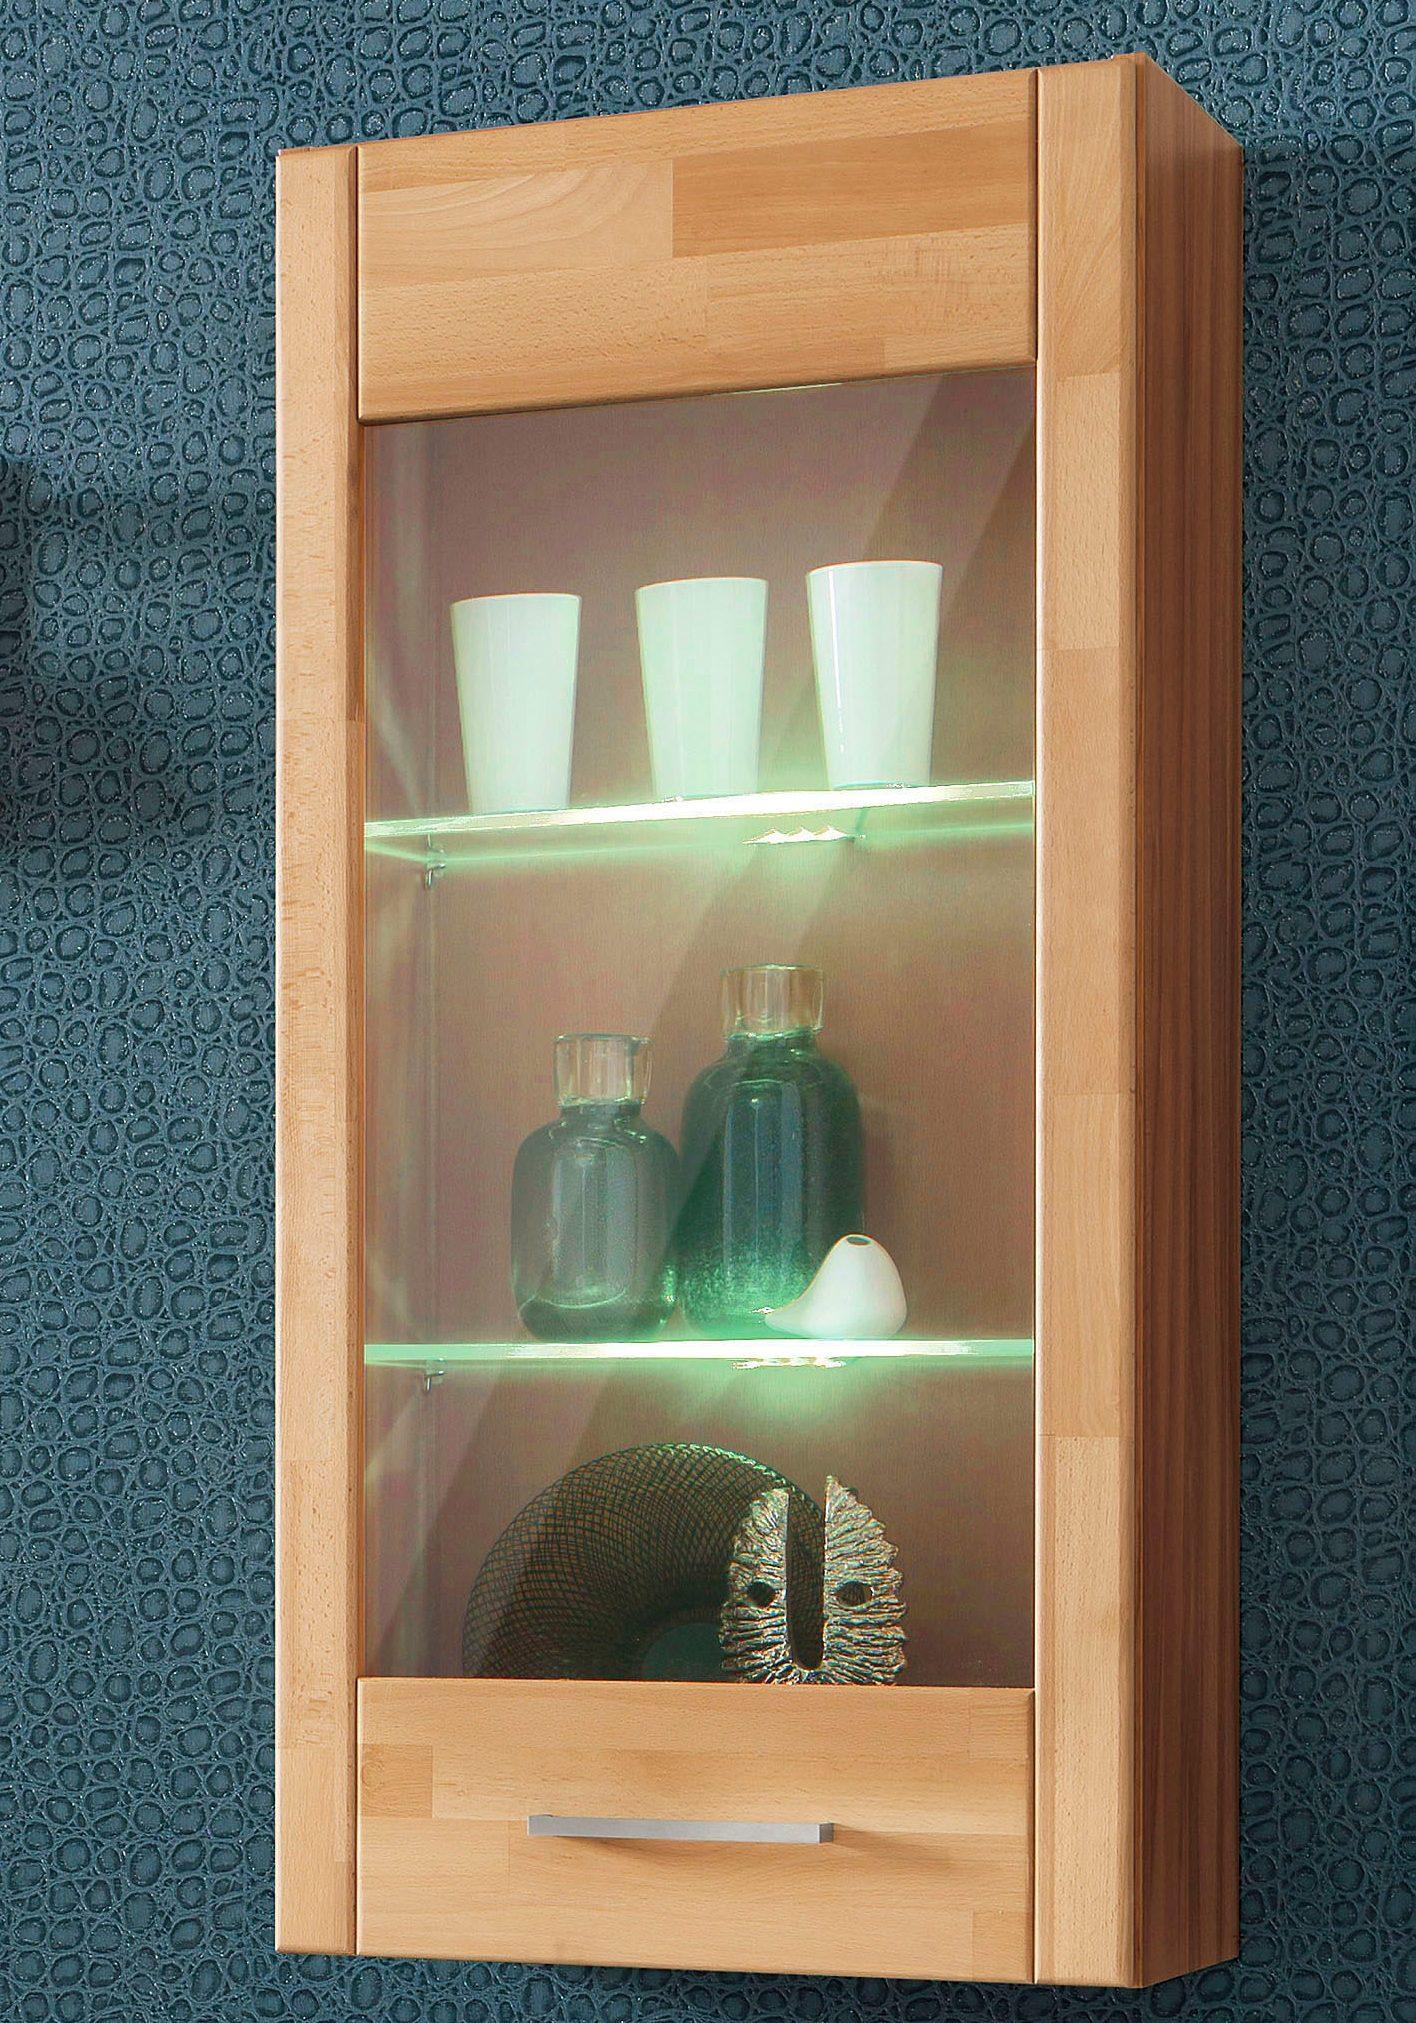 h ngevitrine t r mit glaseinsatz h he 105cm bestellen baur. Black Bedroom Furniture Sets. Home Design Ideas